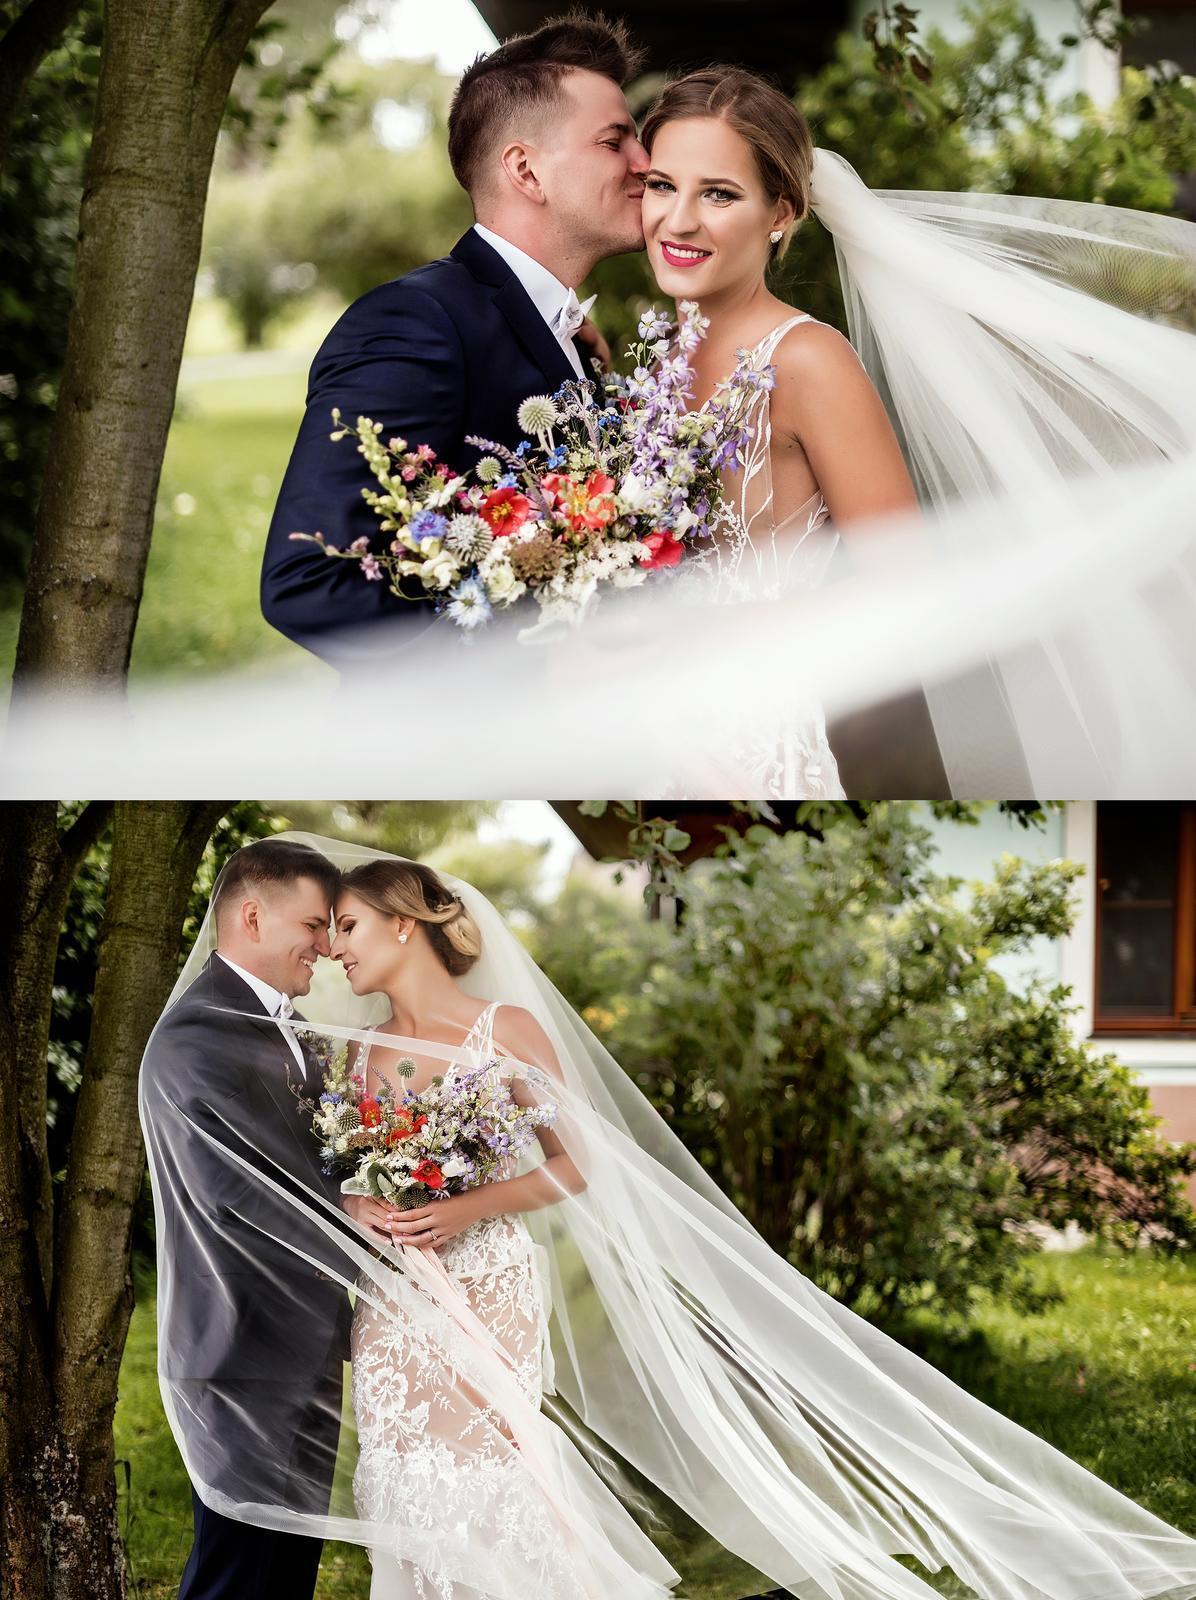 termín svadby máme zatiaľ... - Obrázok č. 1